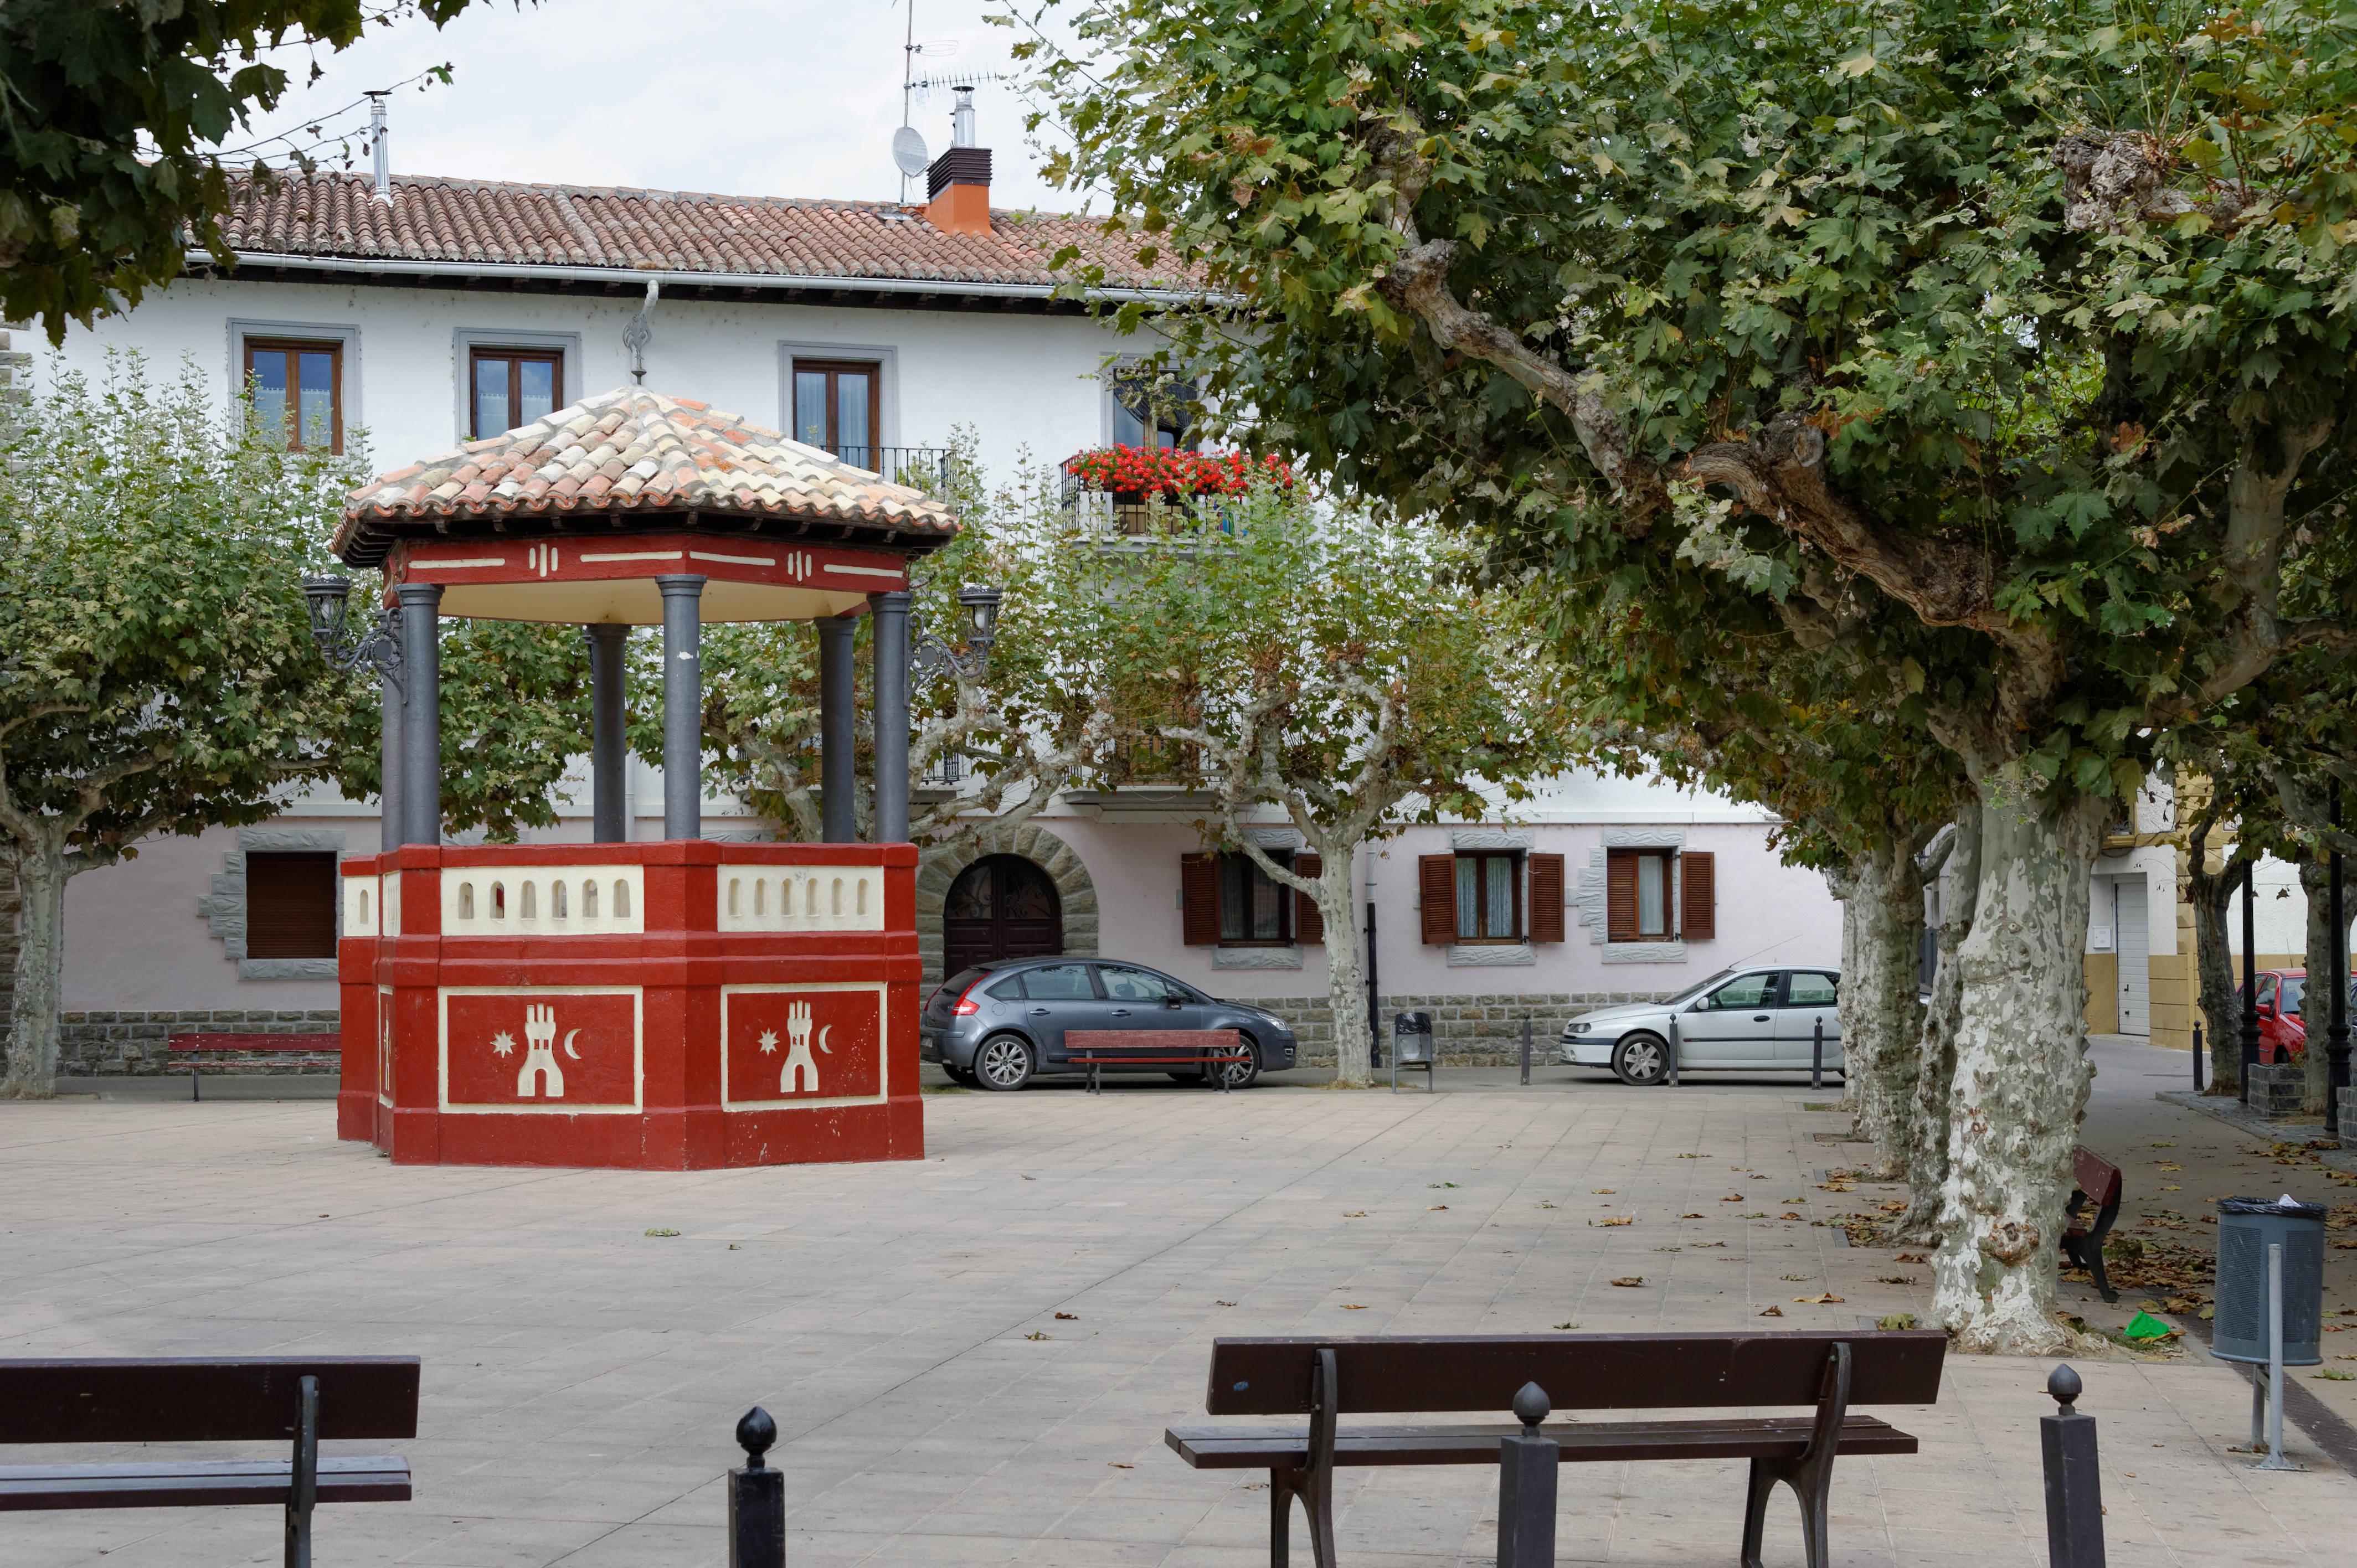 3272_Lumbier (Aragon)